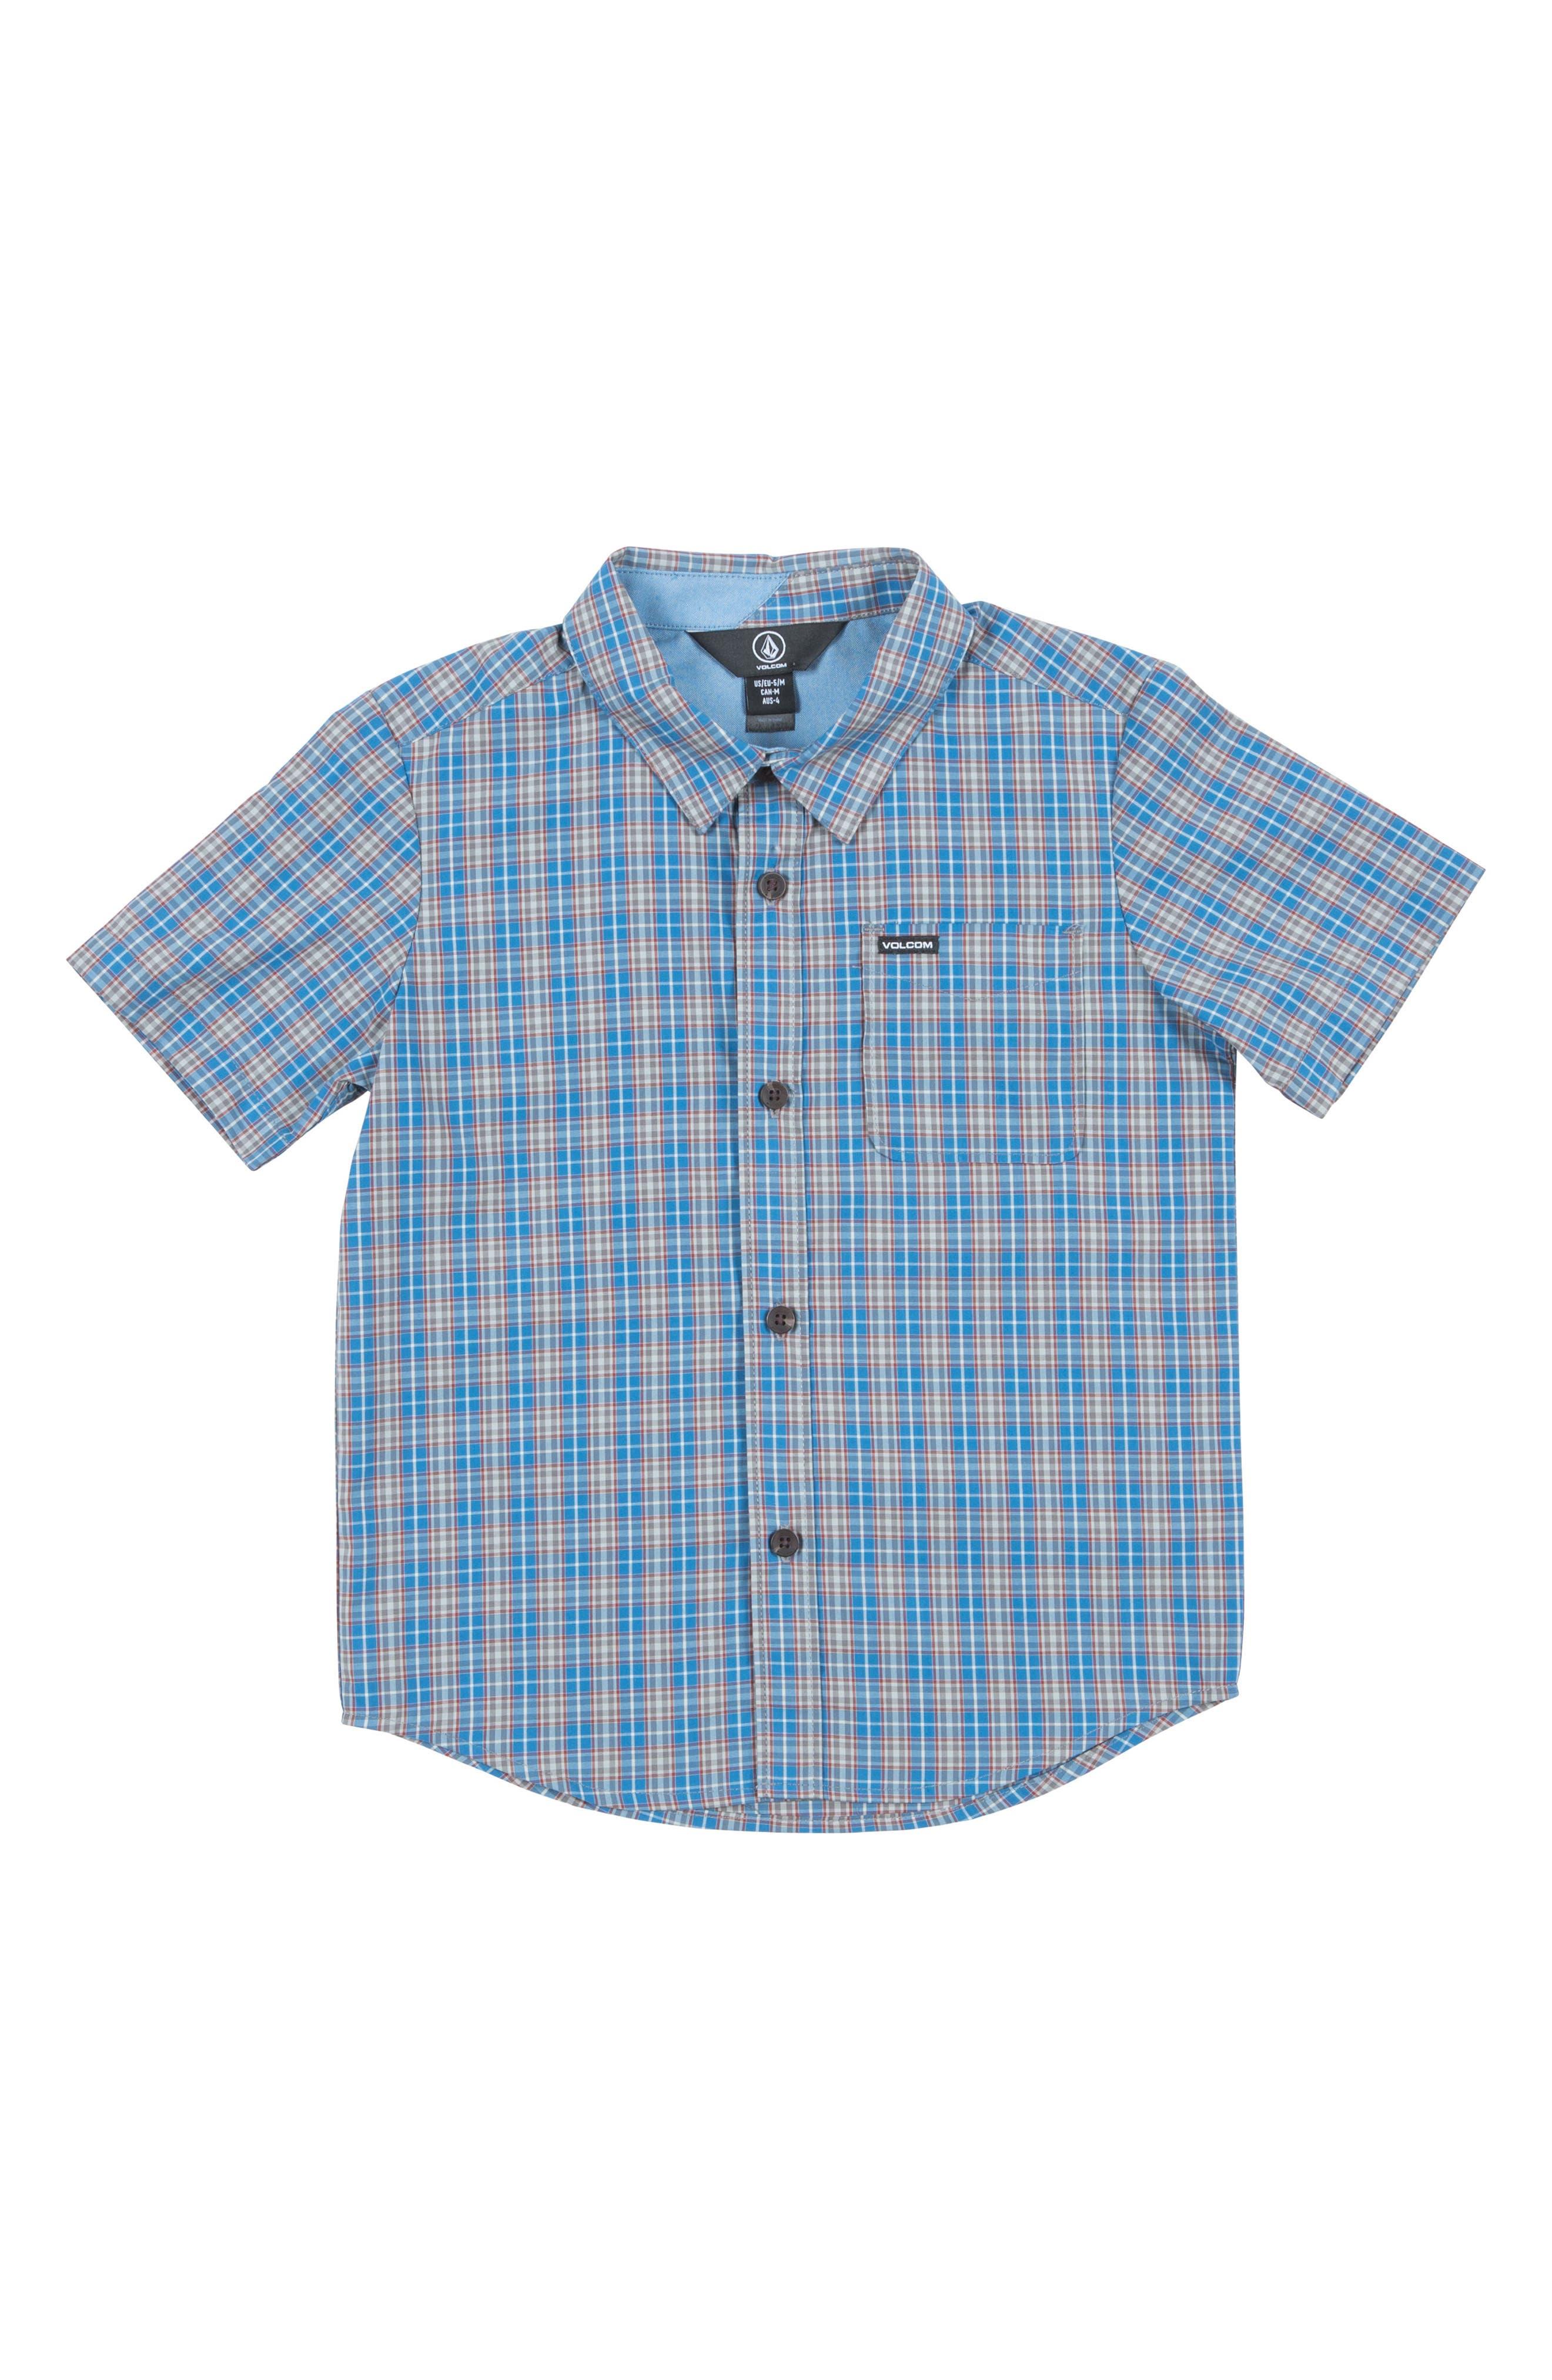 Main Image - Volcom Harper Plaid Woven Shirt (Toddler Boys & Little Boys)